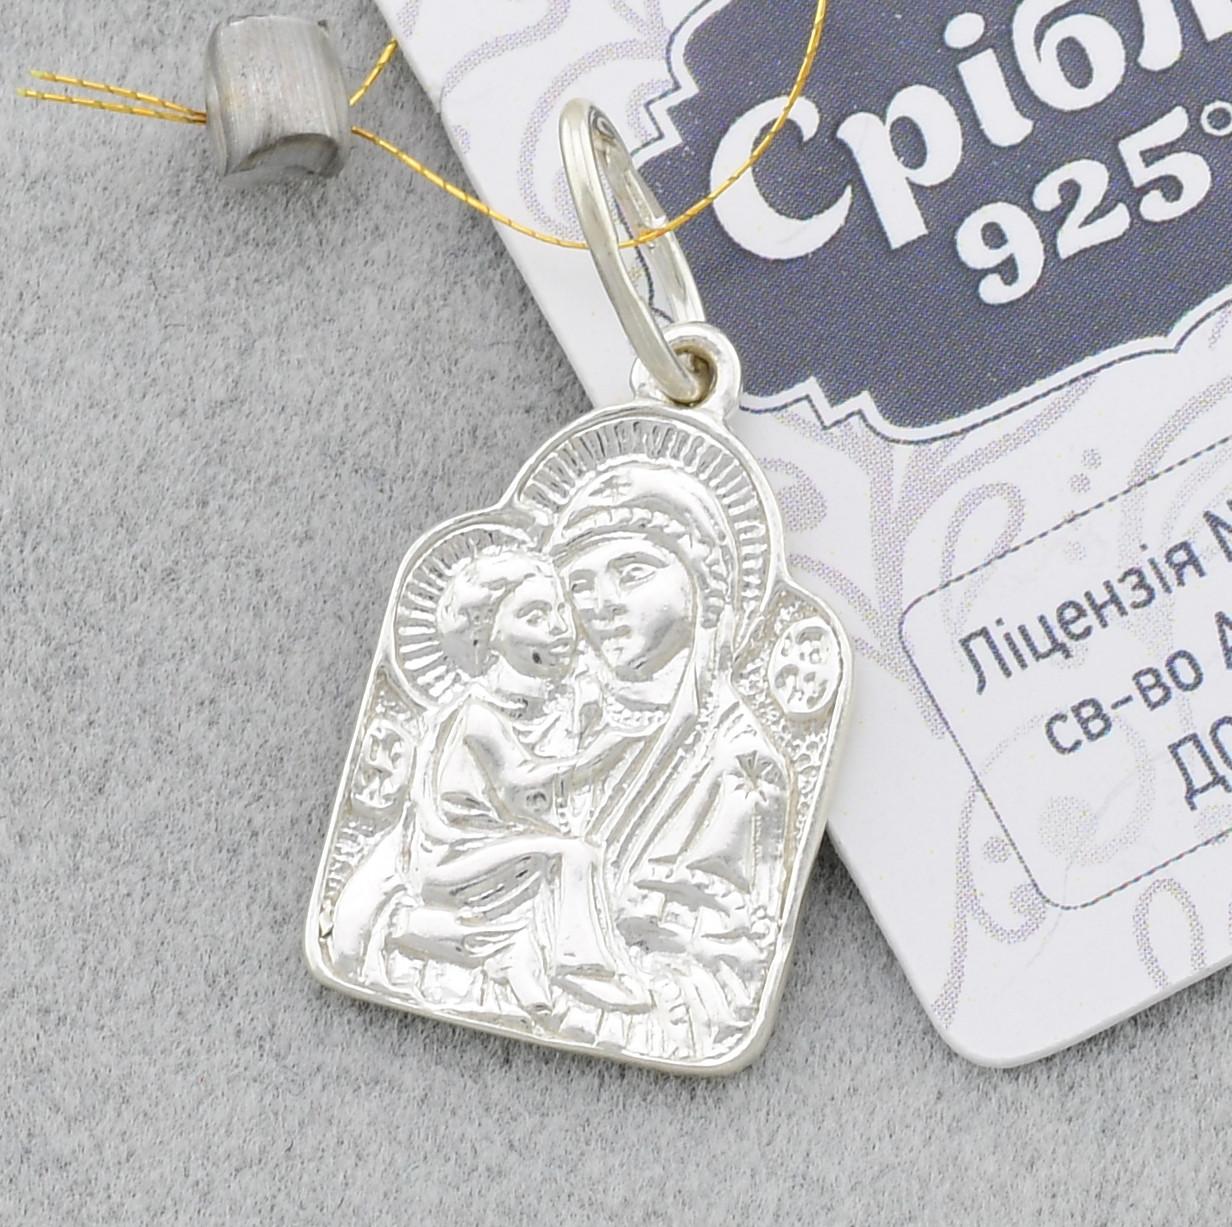 Серебряная иконка 3228, размер 20*12 мм, вес 1.88 г